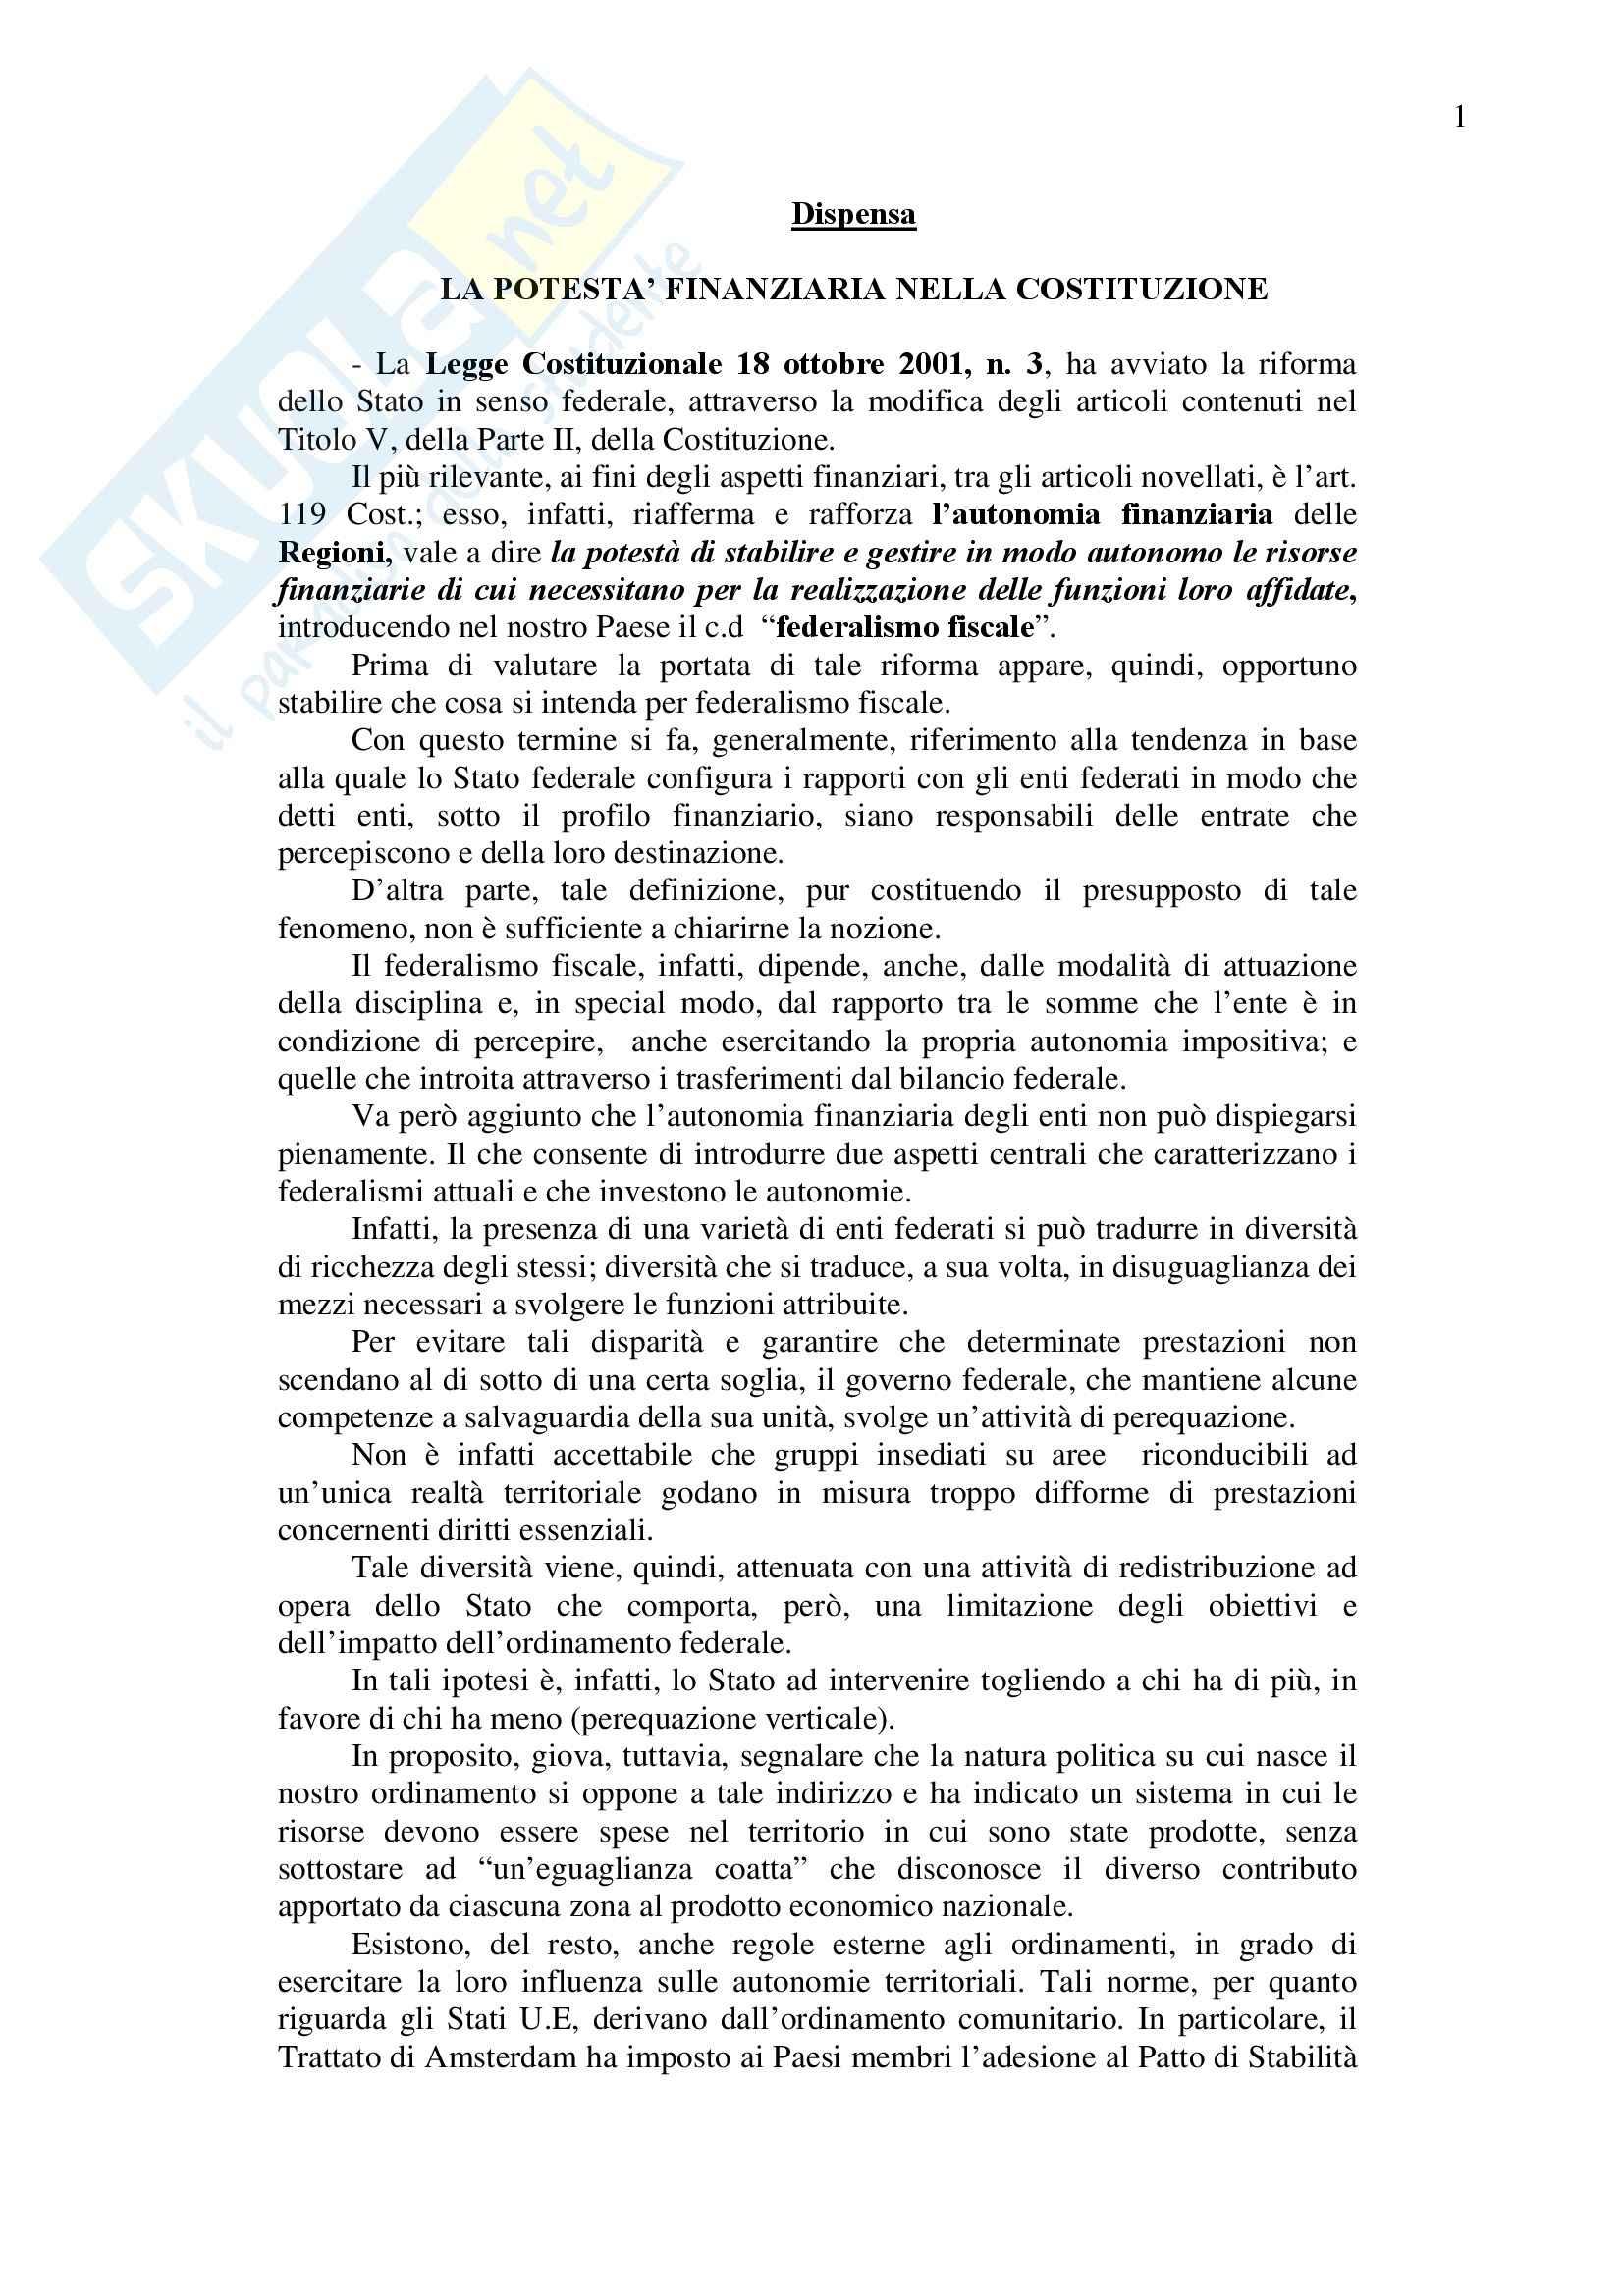 Diritto finanziario - La potestà finanziaria nella Costituzione